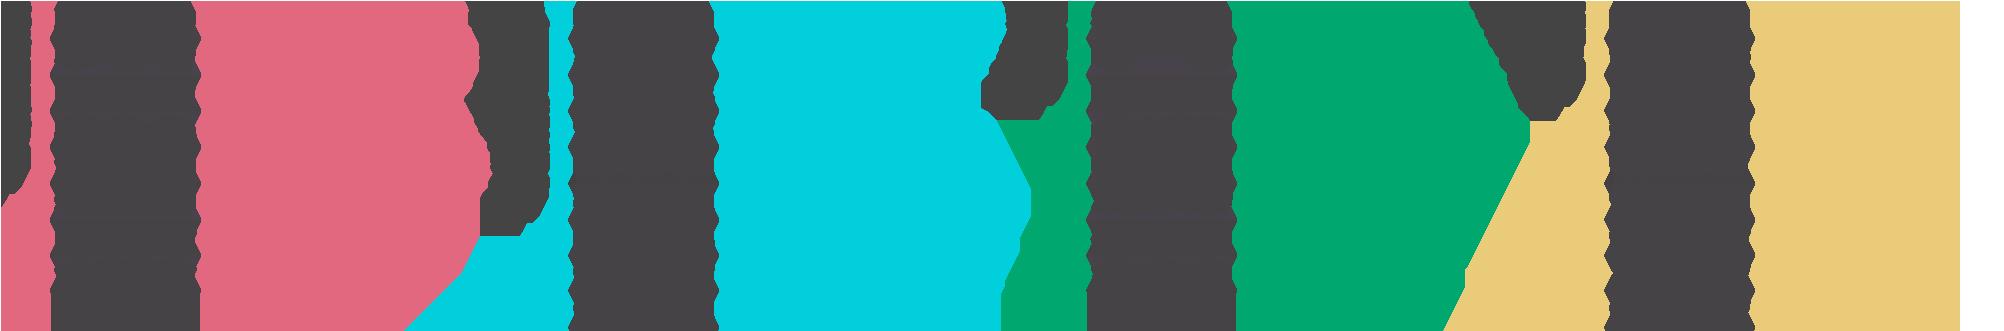 齋藤 孝浩グラフ